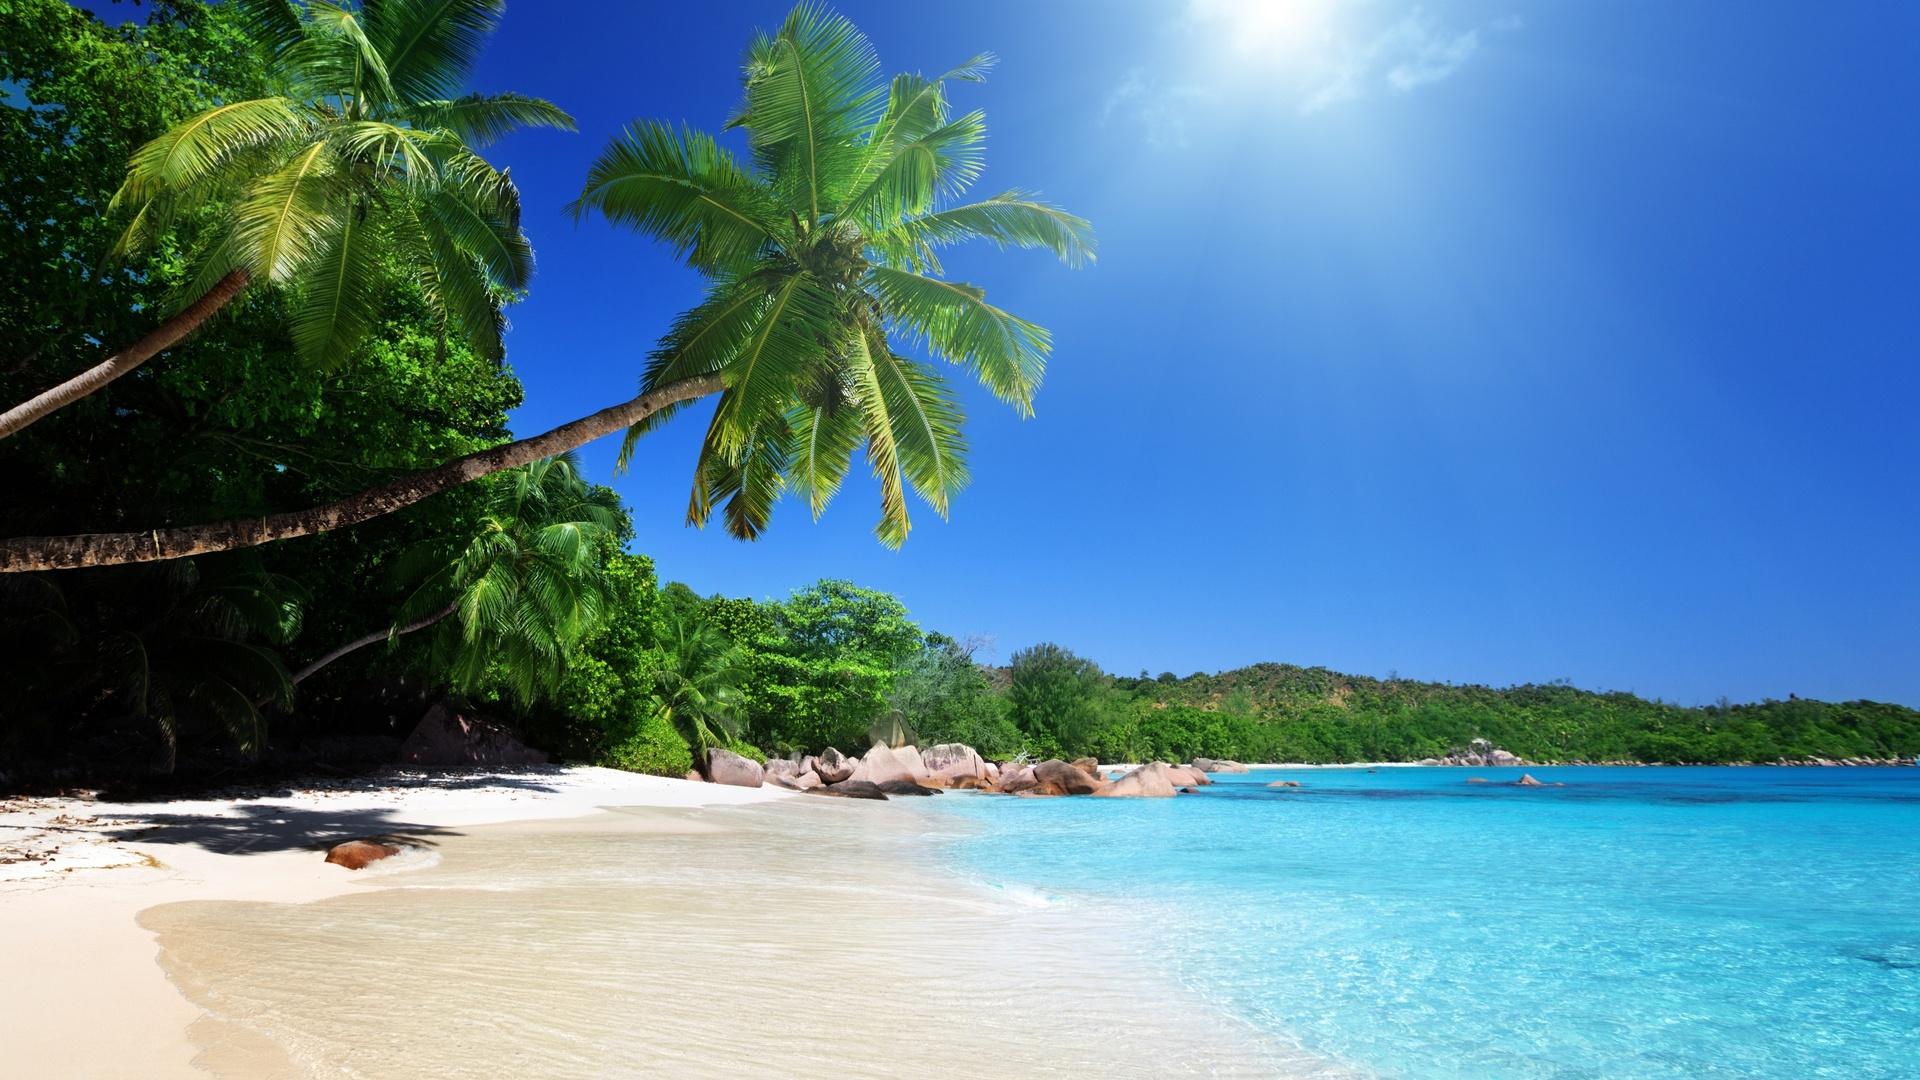 берег пальма море солнце пляж  № 3779882 загрузить